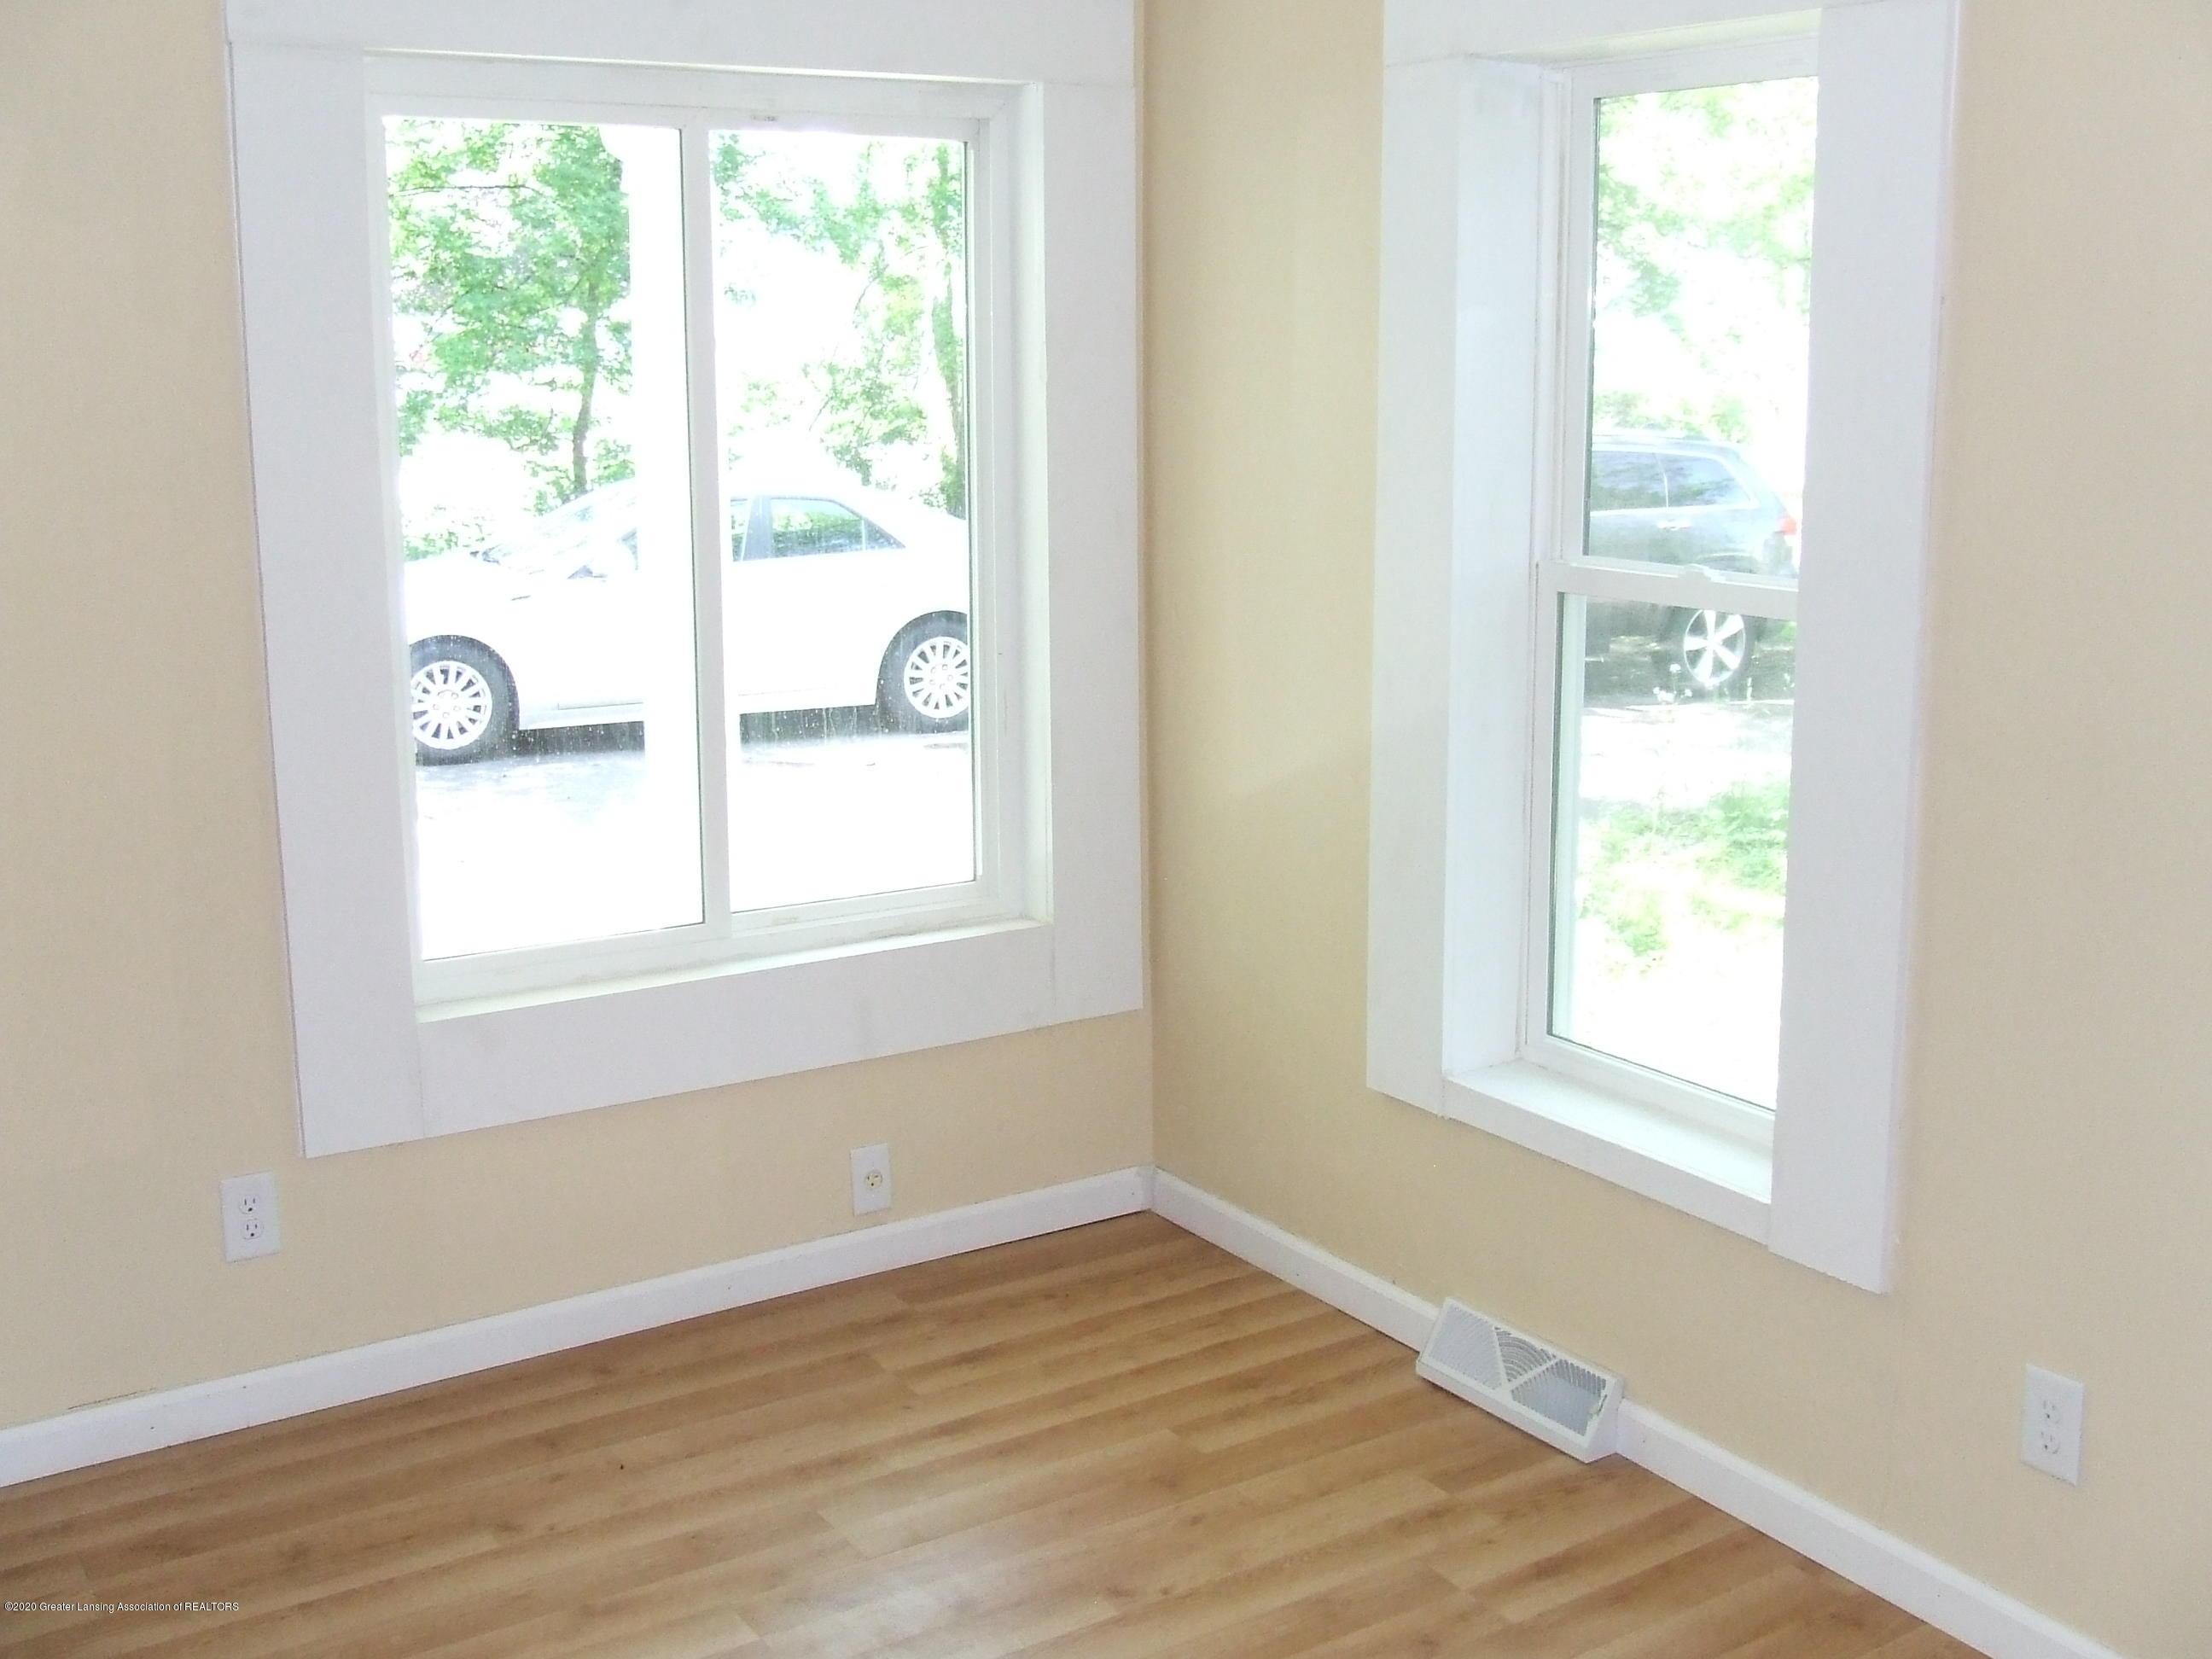 610 N Deerfield Ave - Bedroom - 8